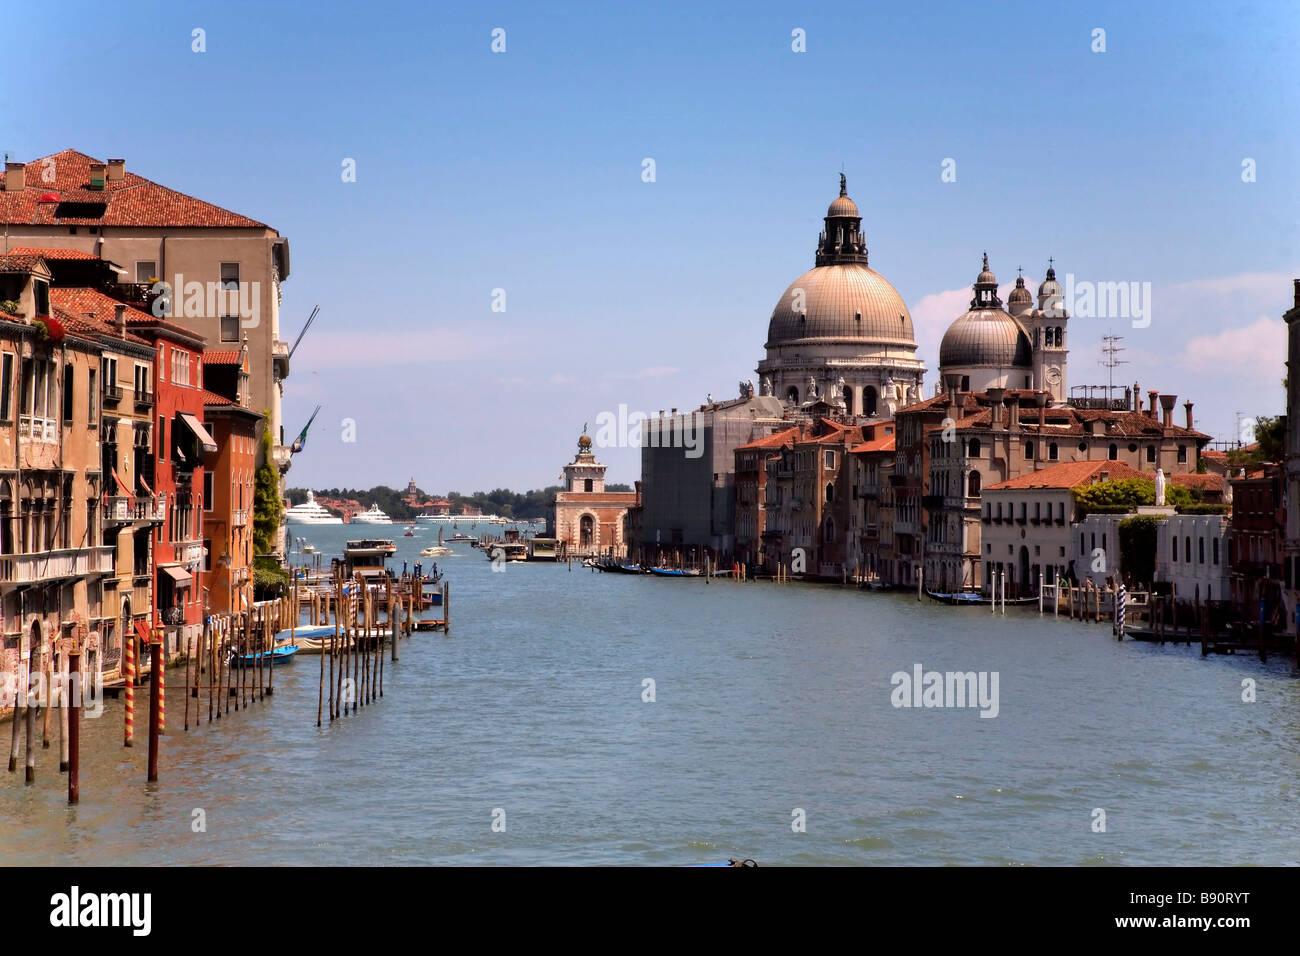 Grand Canal Venice, from Ponte dell Academia, with Basilica di Santa Maria della Salute in the background. - Stock Image